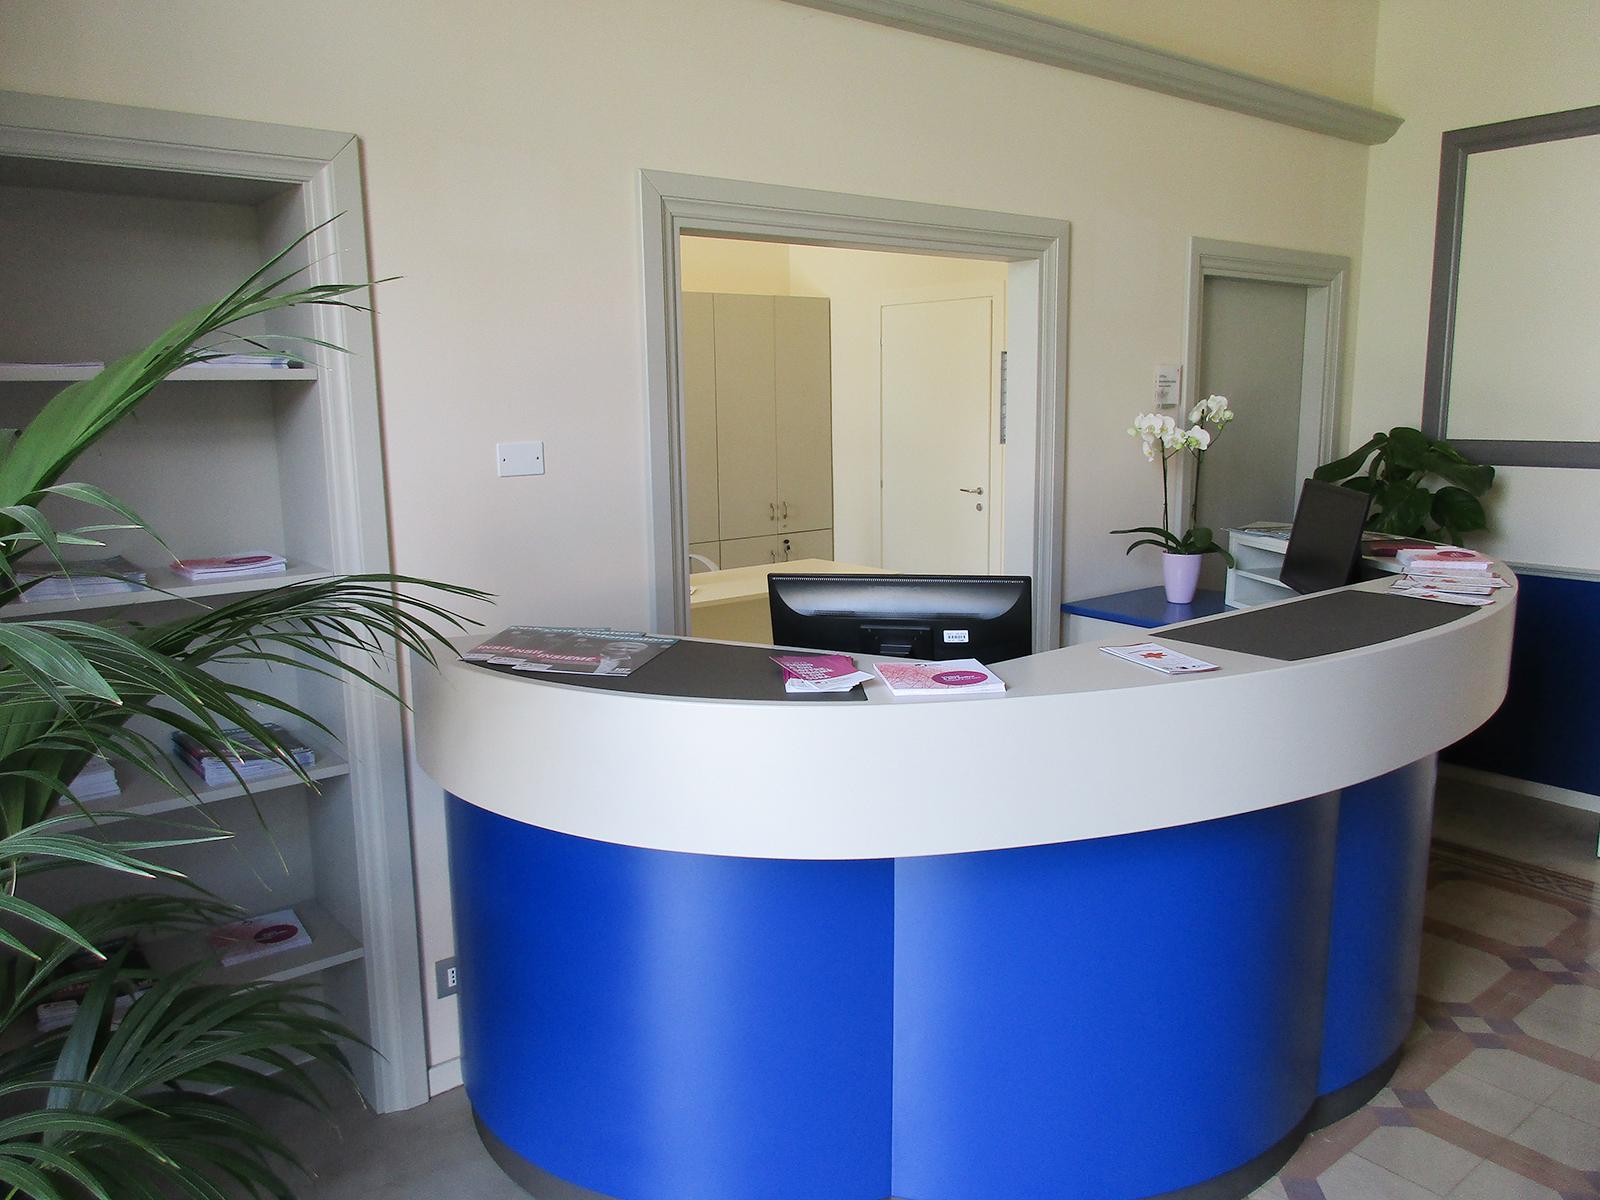 Arredi per alberghi banco reception, Casa S.Giuseppe Meldola – Farolfi Arredamenti